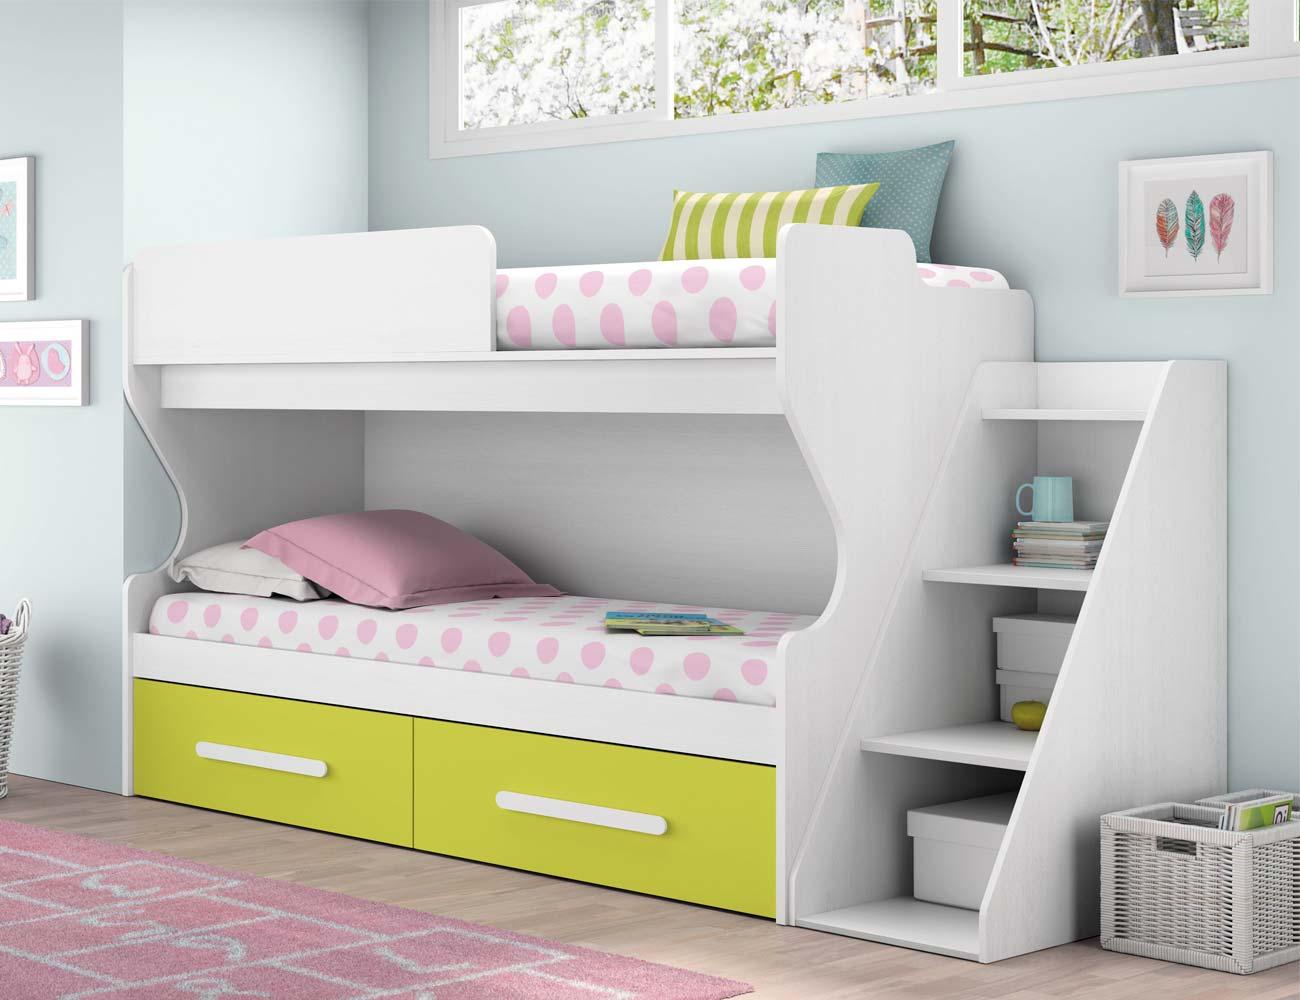 Composicion 311 dormitorio juvenil blanco kiwi